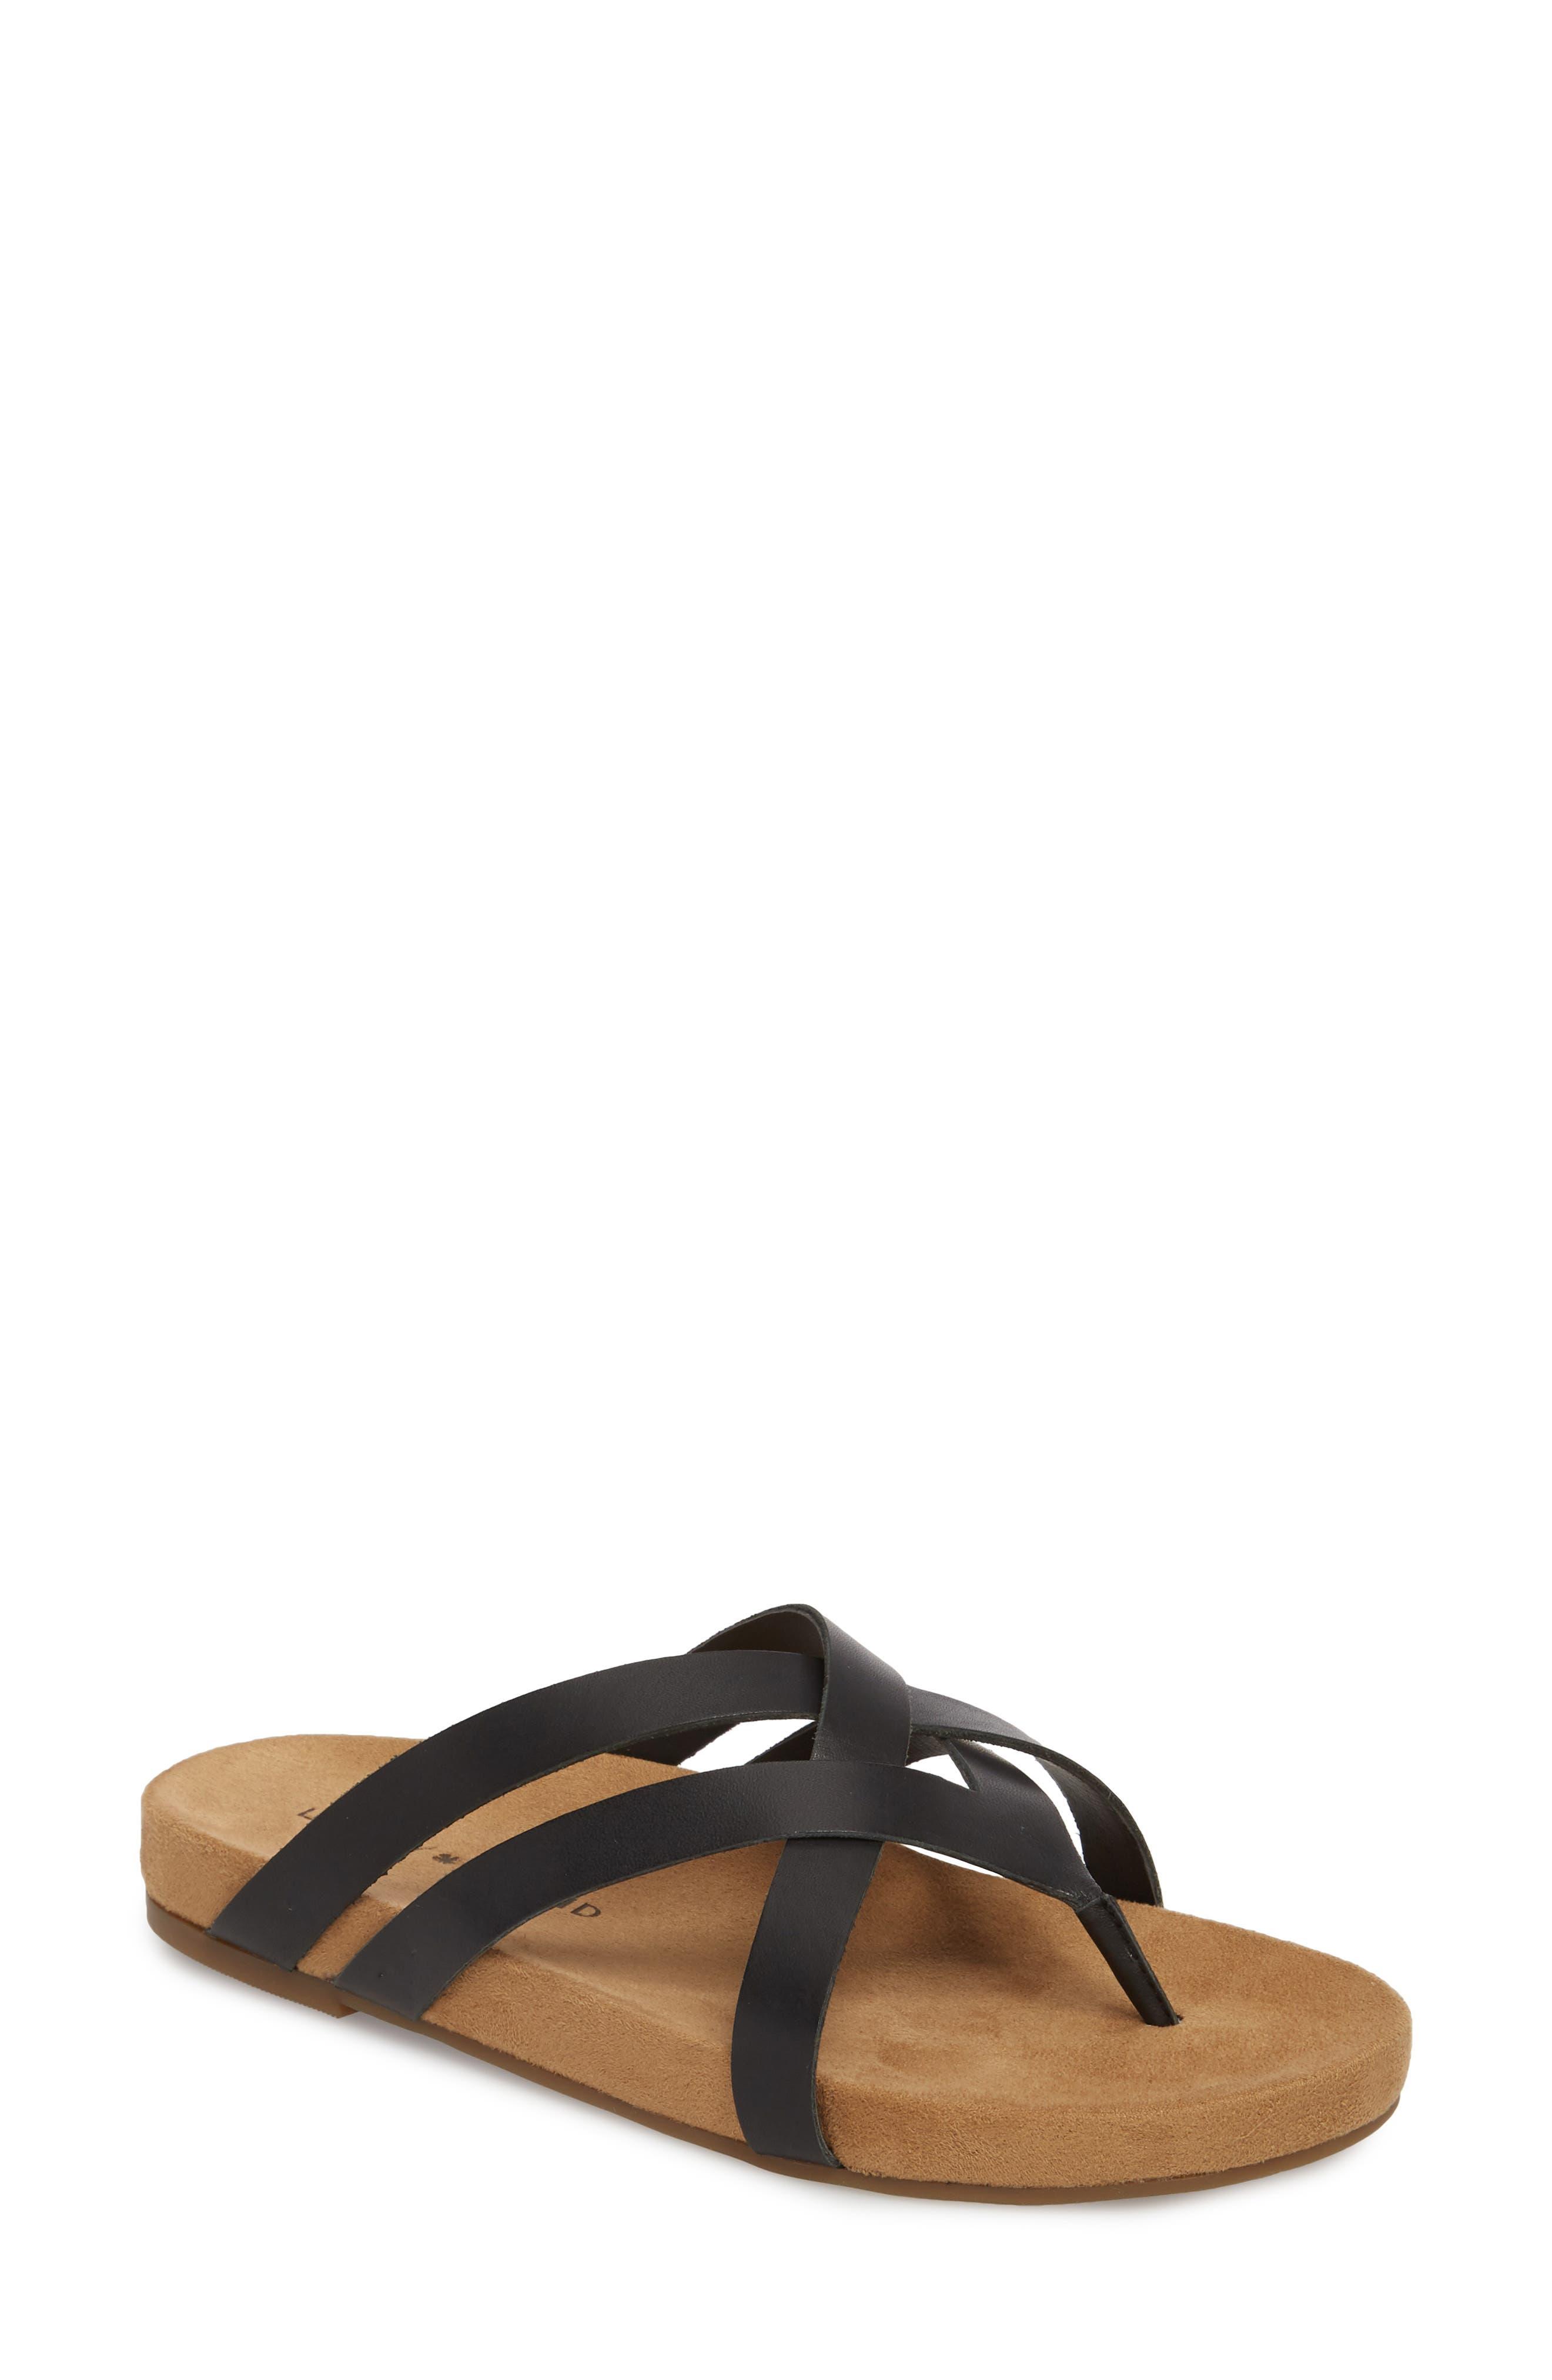 Fillima Flip Flop,                             Main thumbnail 1, color,                             Black Leather